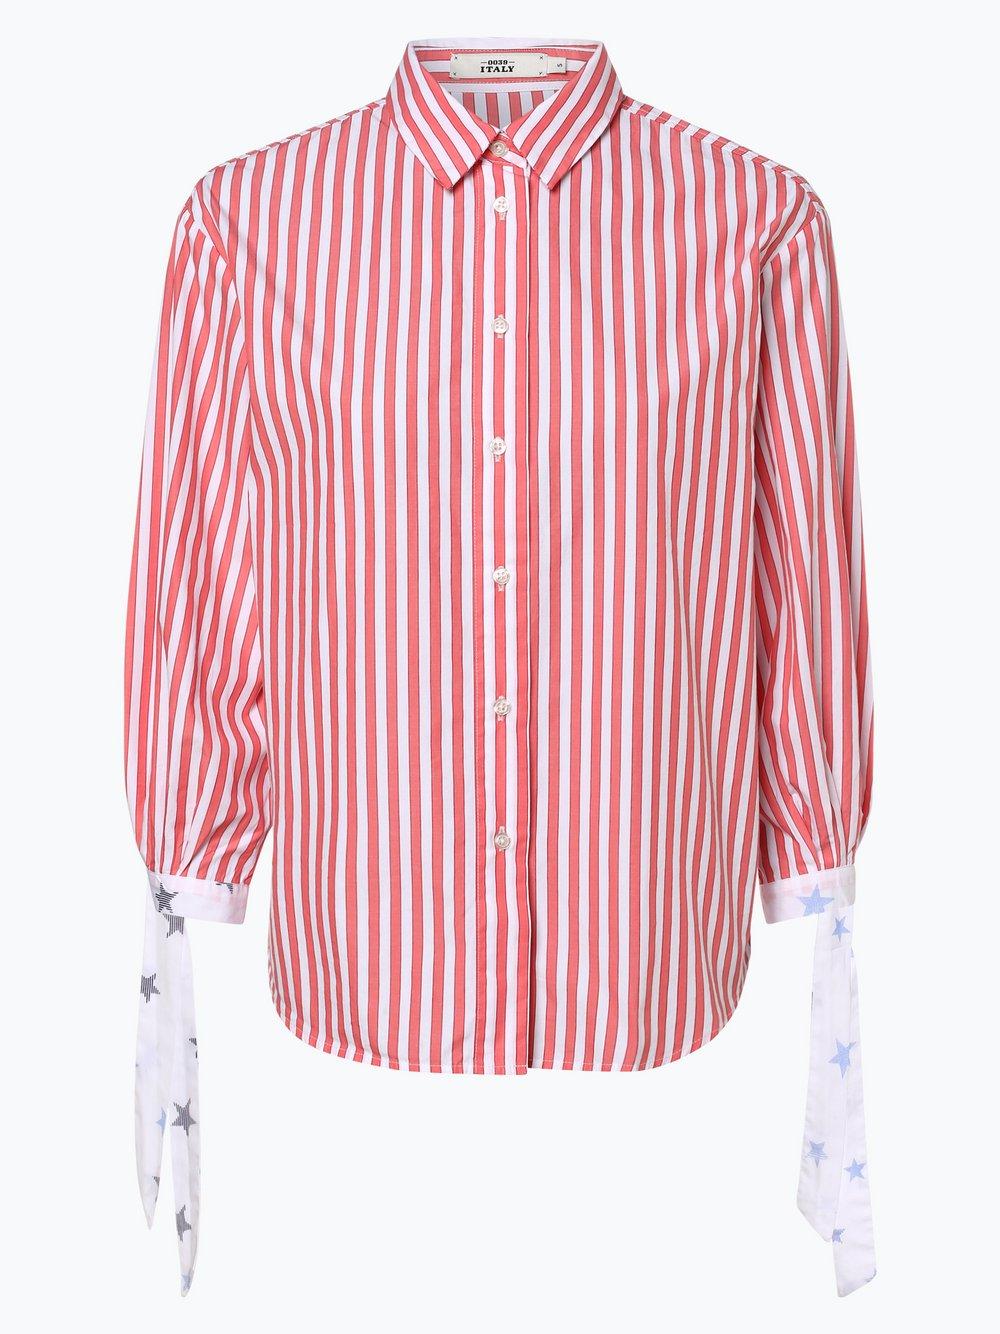 Obraz przedstawiający 0039 Italy - Bluzka damska, czerwony